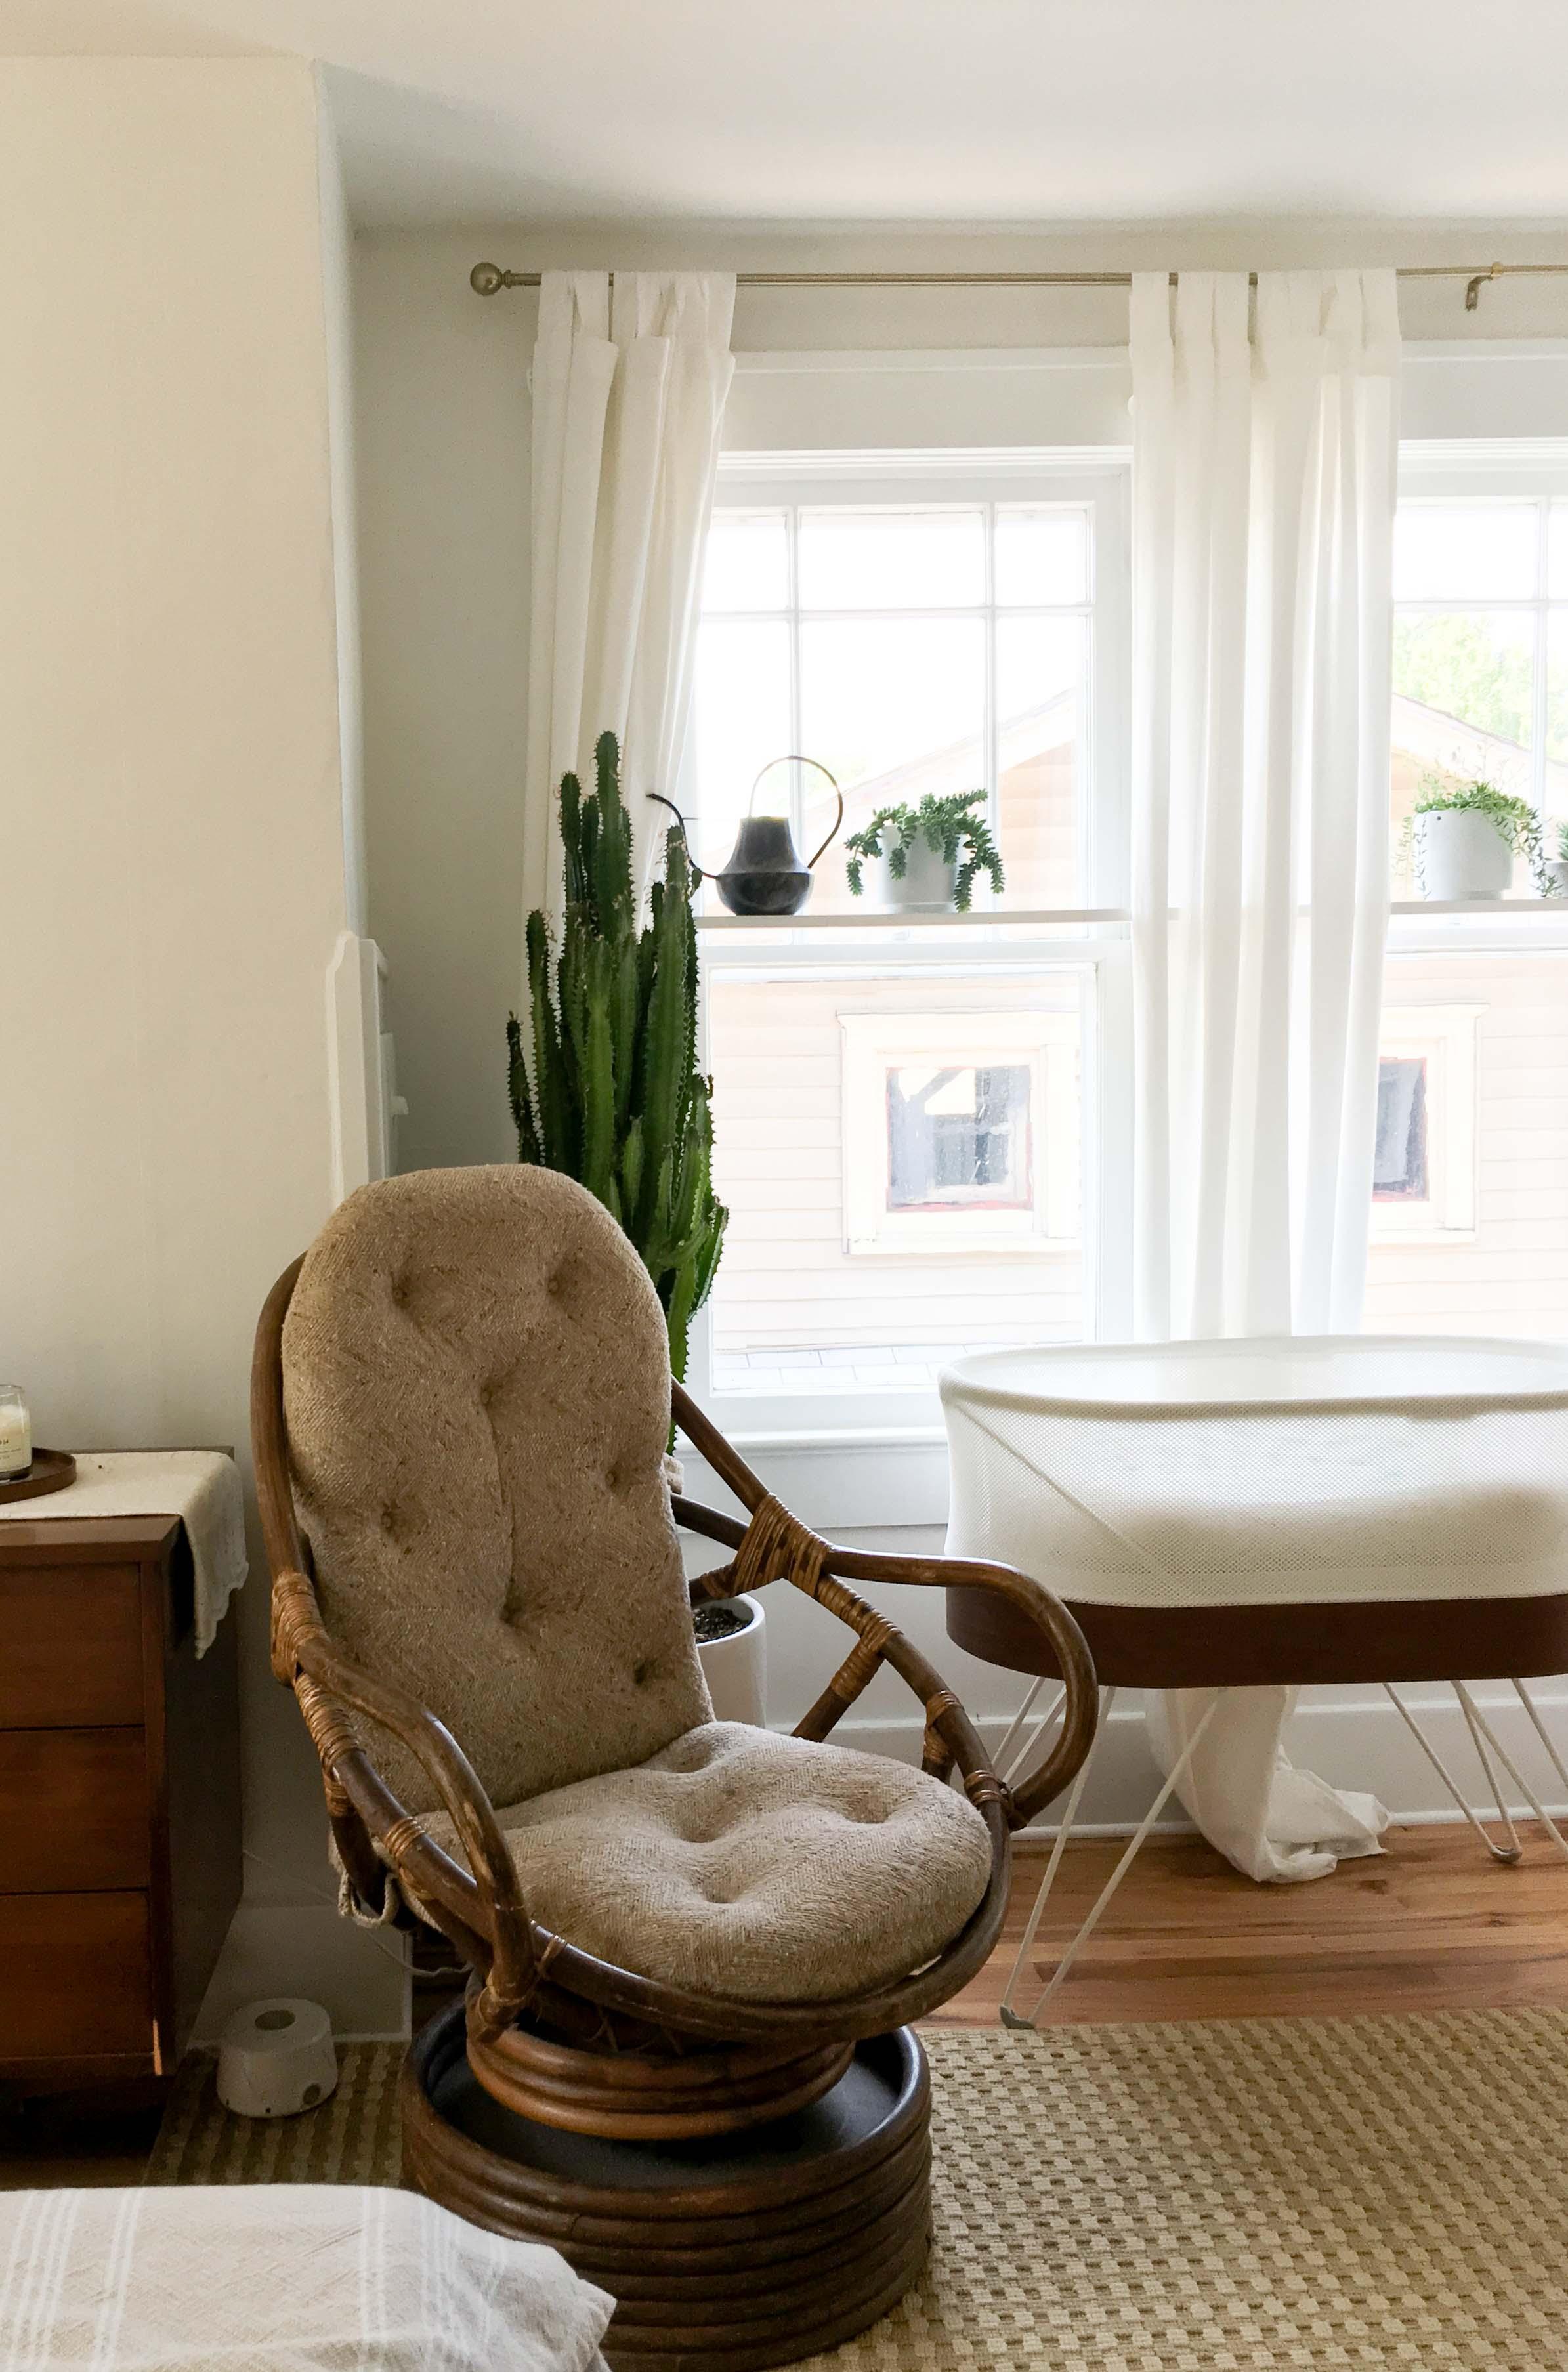 vintage-modern-interior-decor